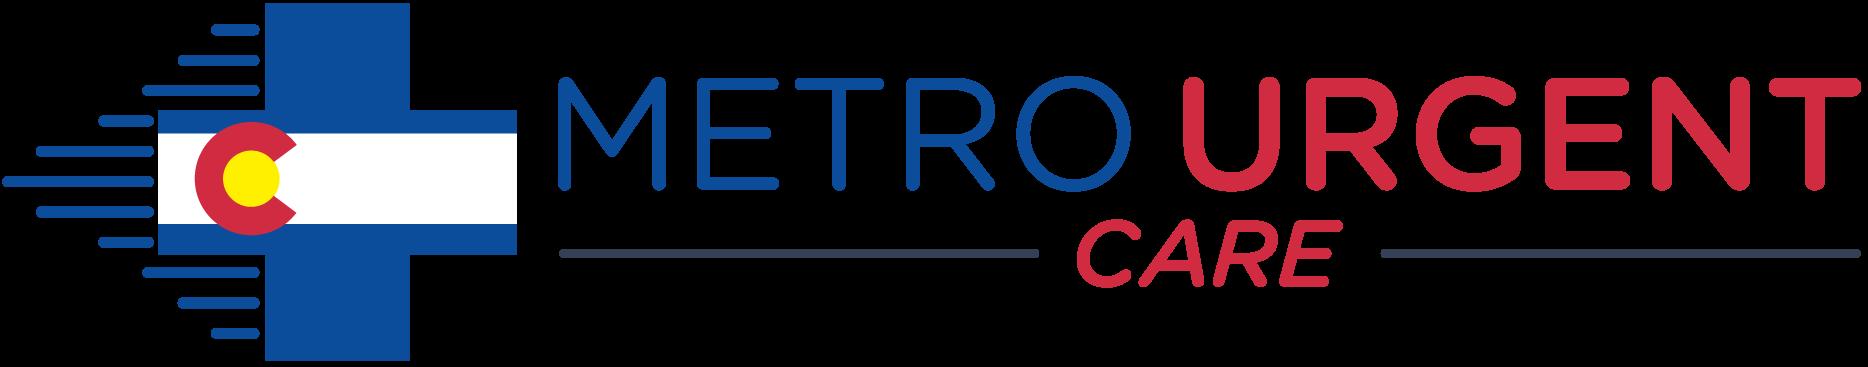 Metro Urgent Care - Parker Road Logo